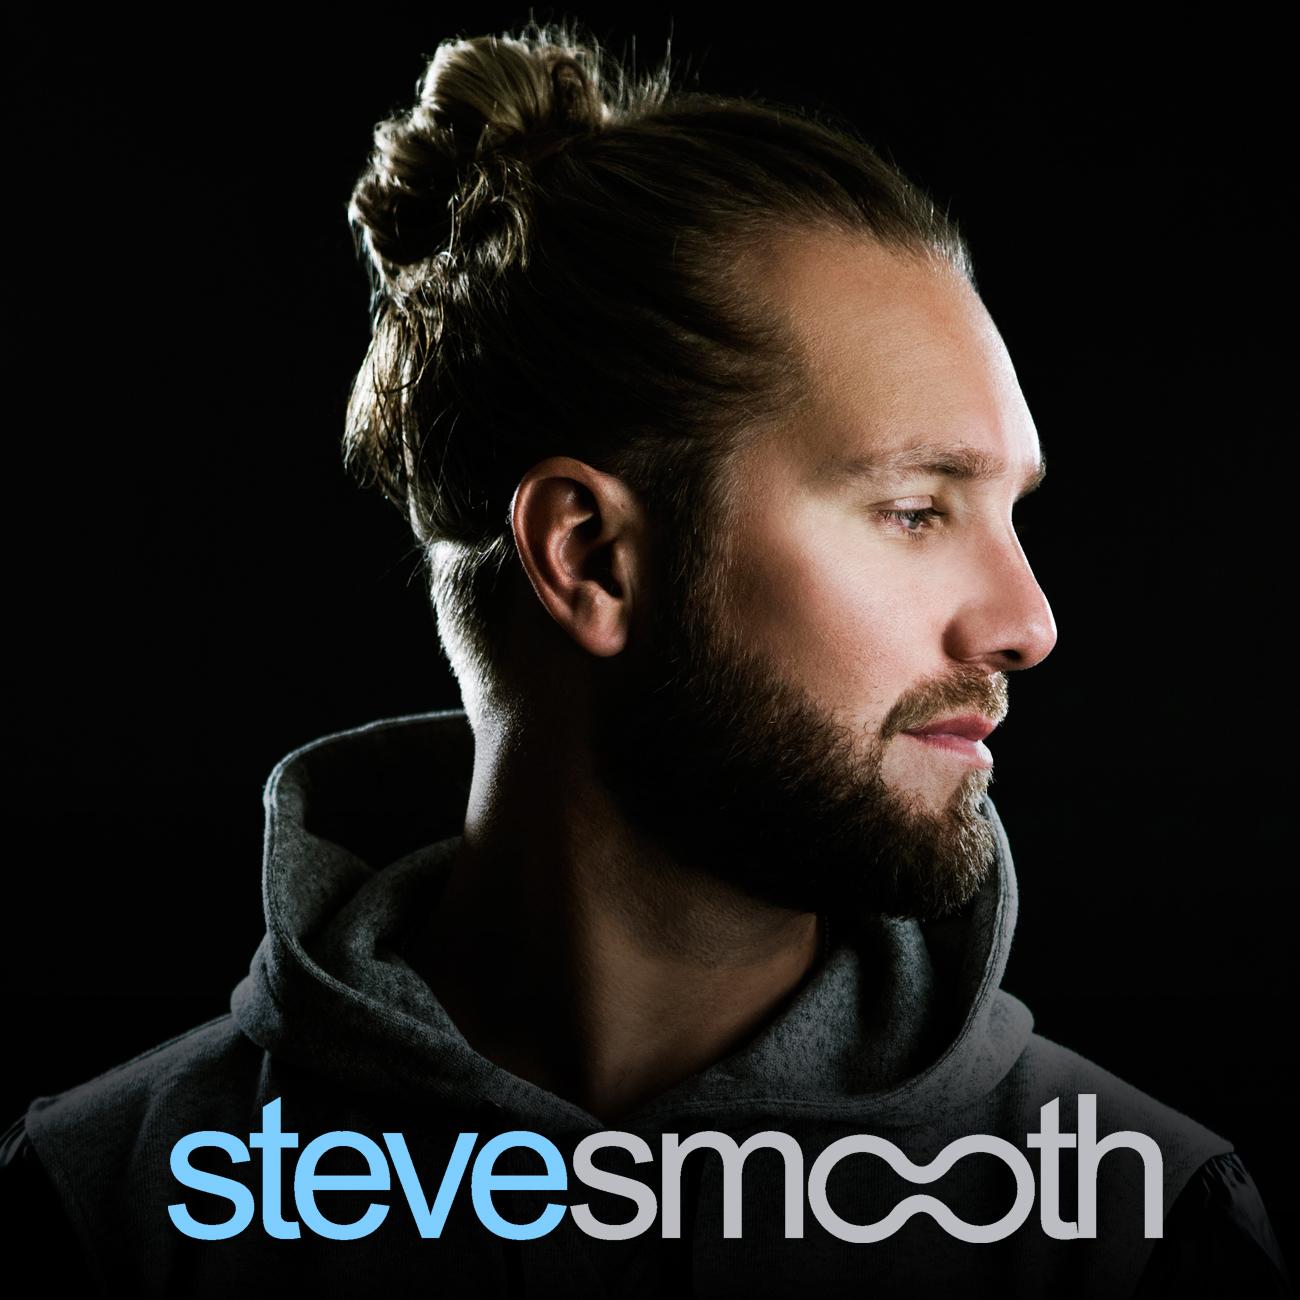 STEVE SMOOTH